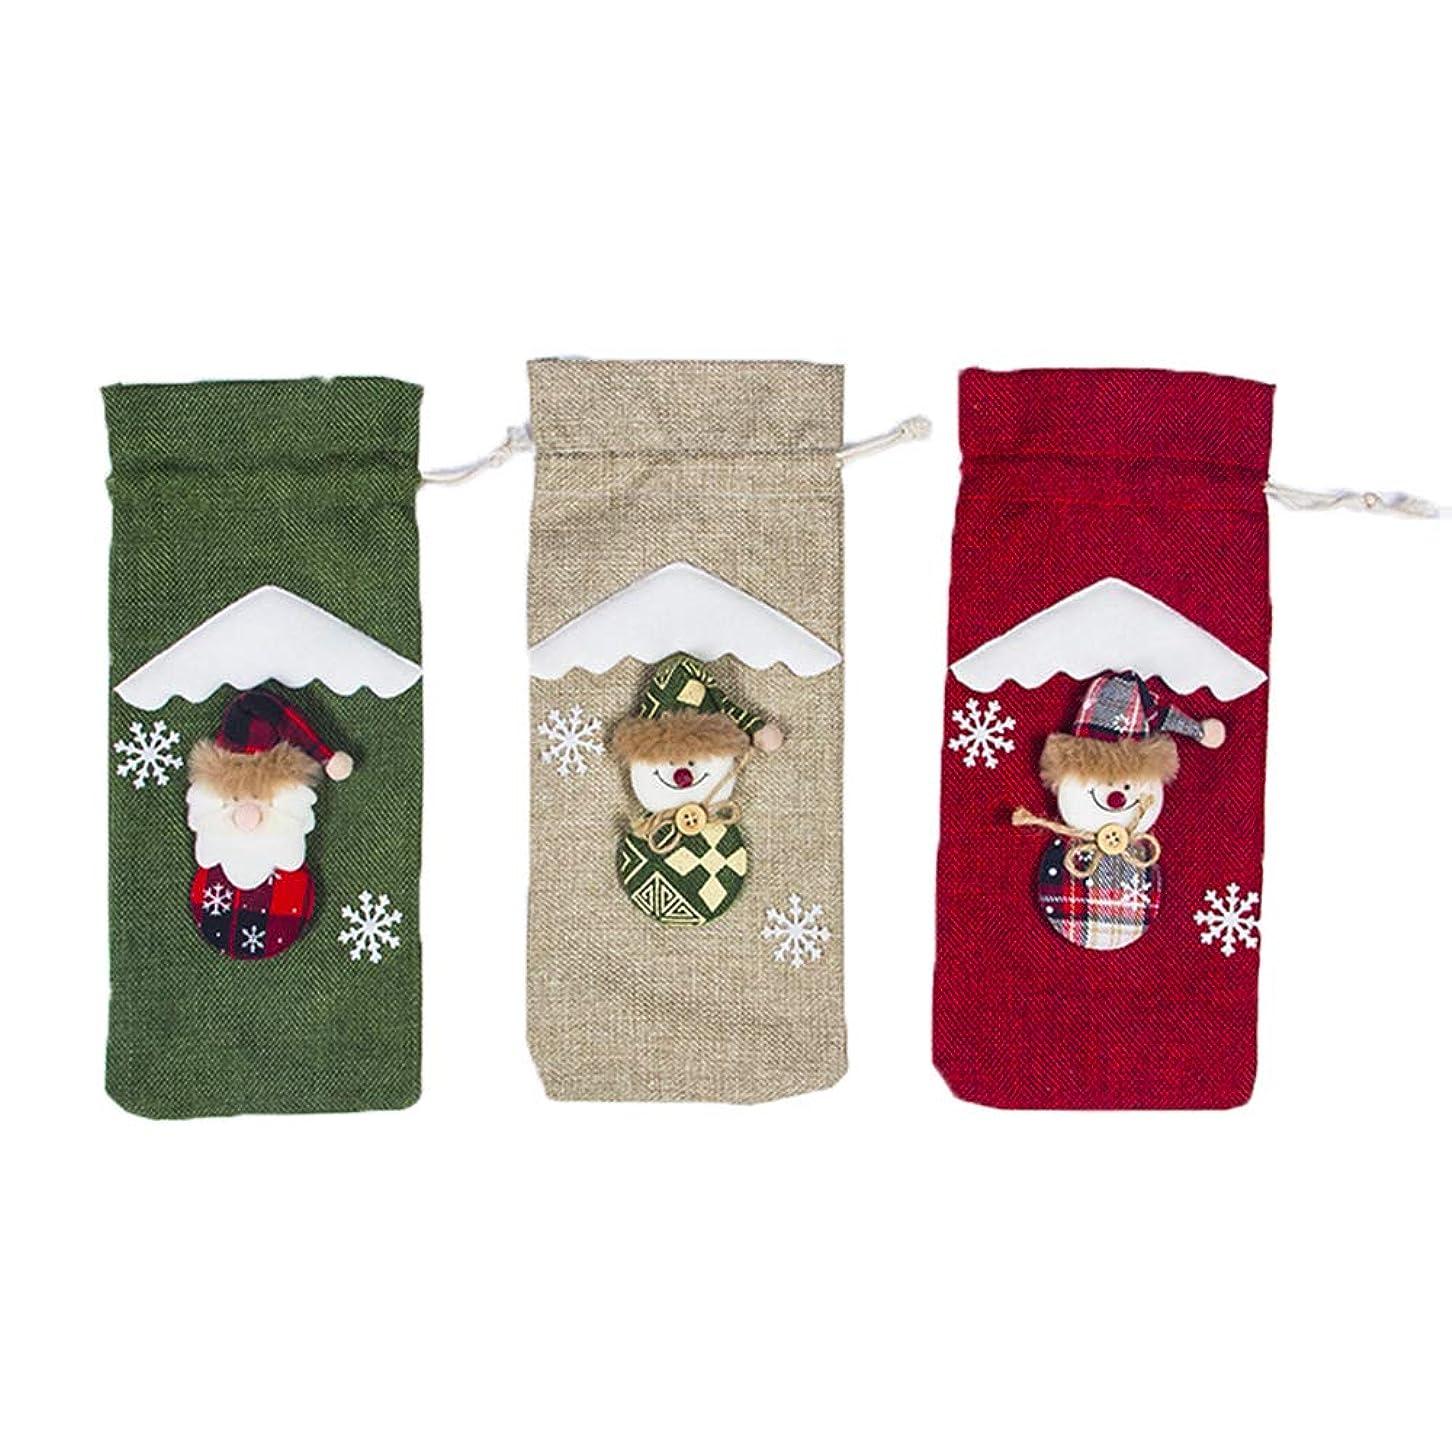 一時停止ストリップ負担Photinus ワインボトルカバー クリスマス 飾り シャンパンボトルバッグ クリスマスギフト クリスマスパーティーテーブルデコレーション 装飾 3枚セット